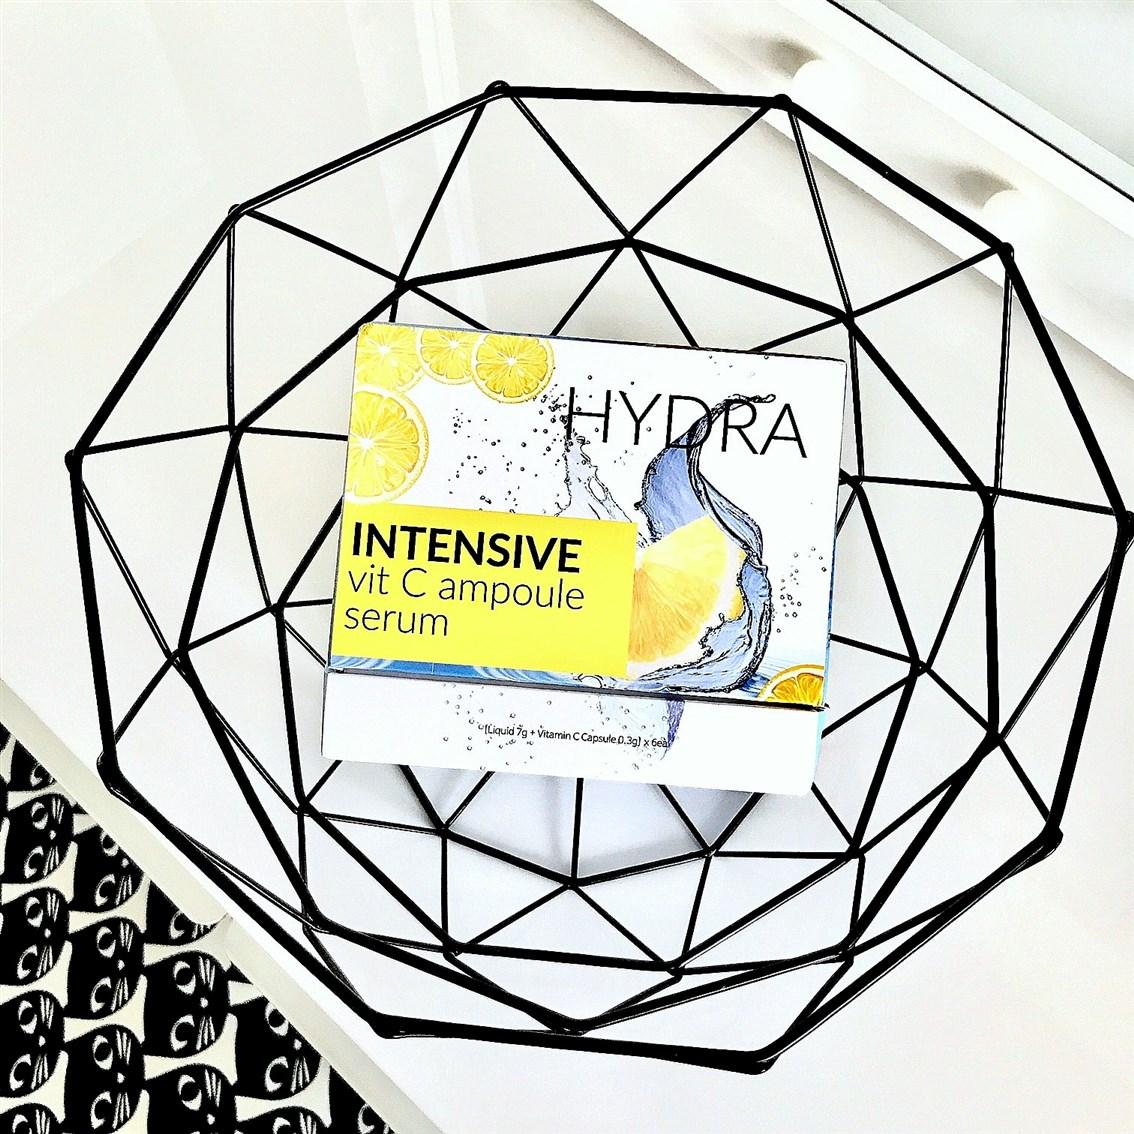 Hydra Intensive vit C Ampoule Serum